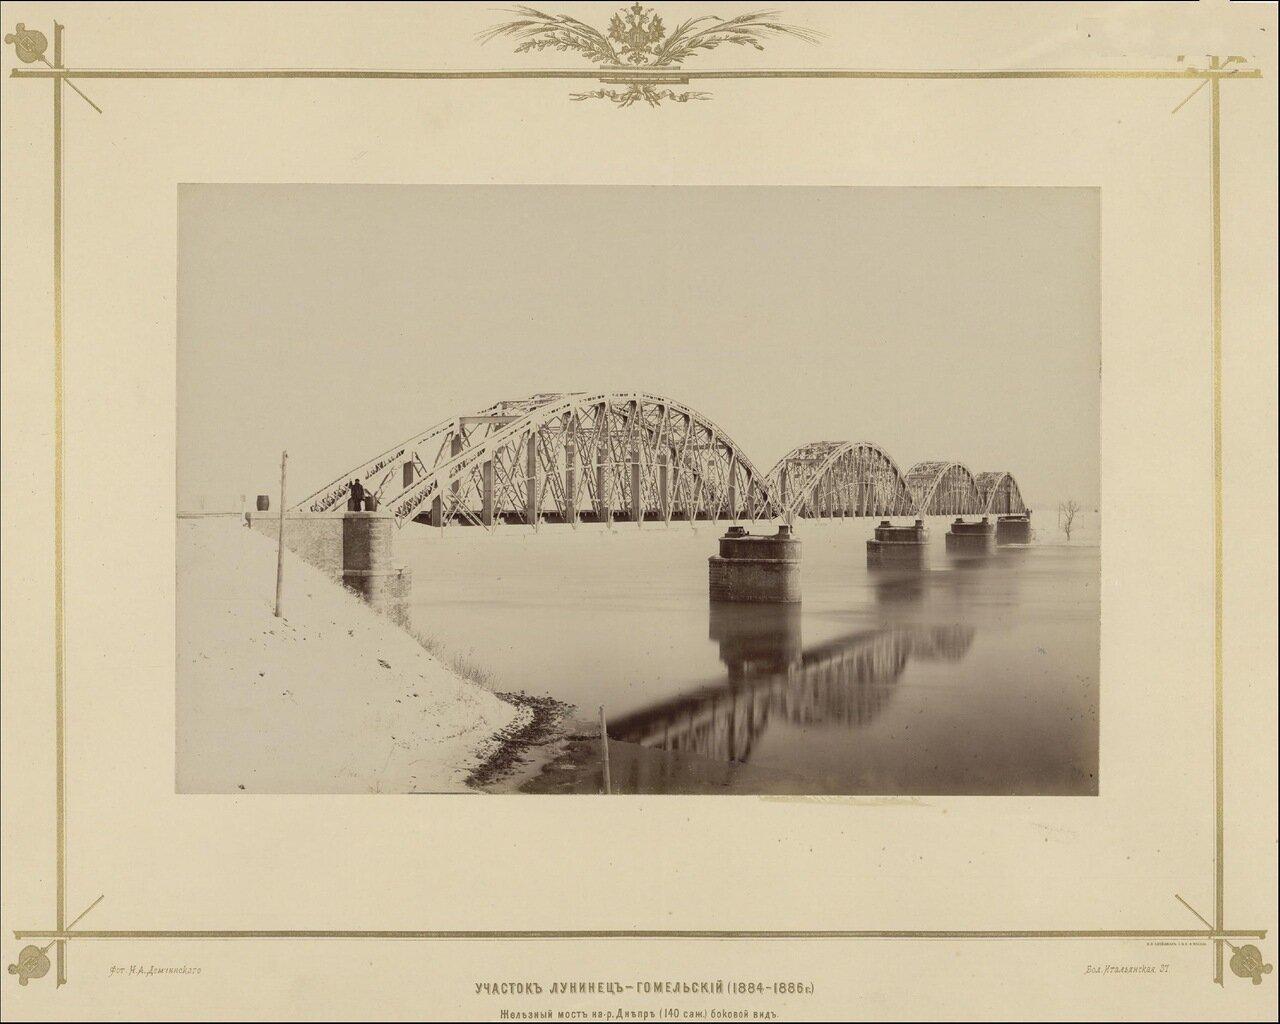 Участок Лунинец-Гомельский (1884— 1886г.) Железный мост на р.Днепр. Боковой вид. 1880-е